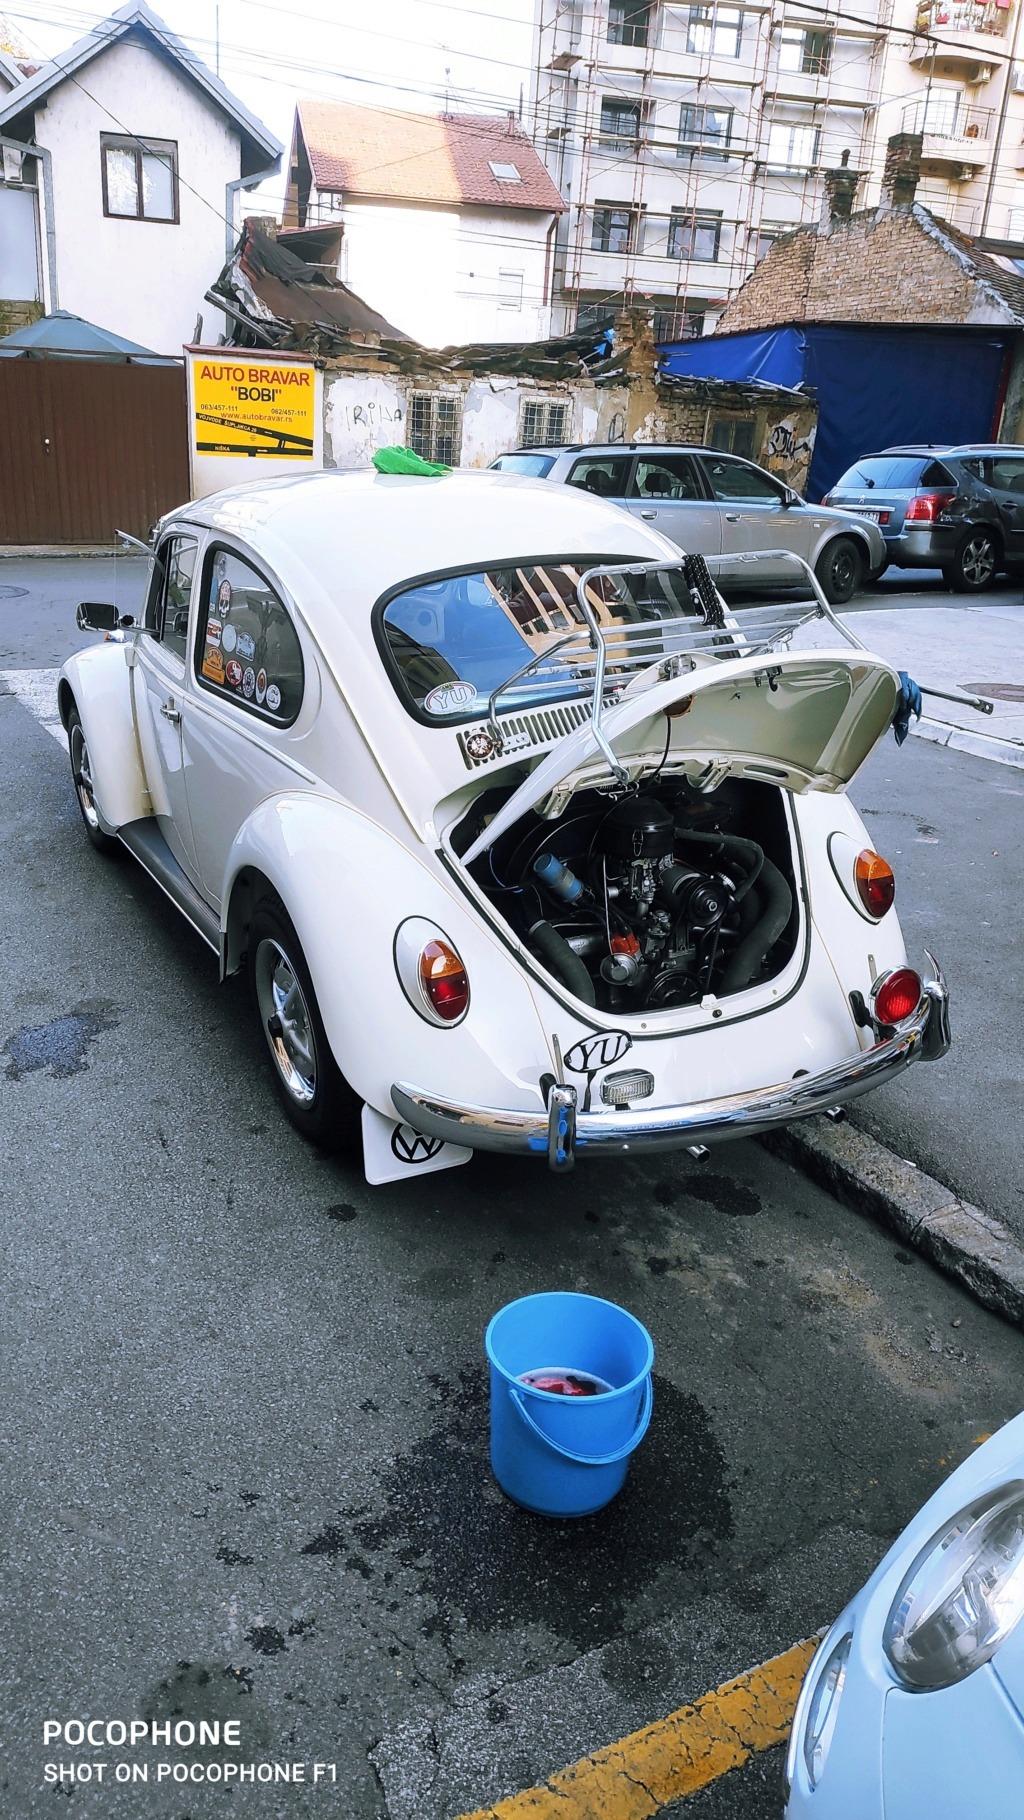 PAUL-ov VW spar 8 GODINA NAKON RESTAURACIJE  - Page 2 Img_2037